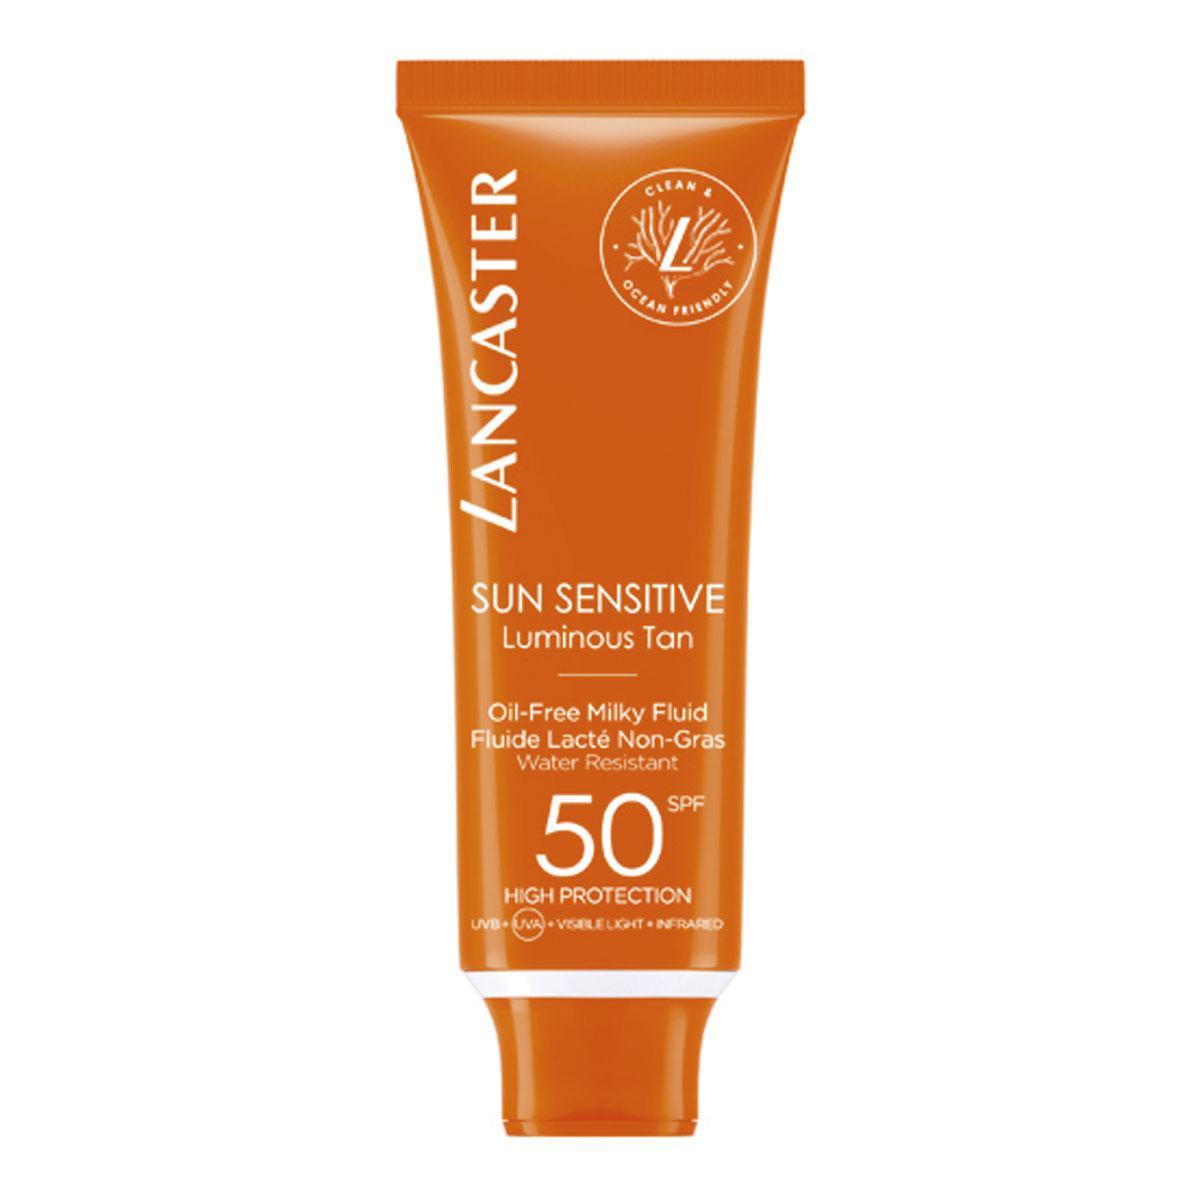 Sun Sensitive Oil-Free Milky Fluid SPF50, Lancaster, 37 euros, PACKSHOTS: SDP